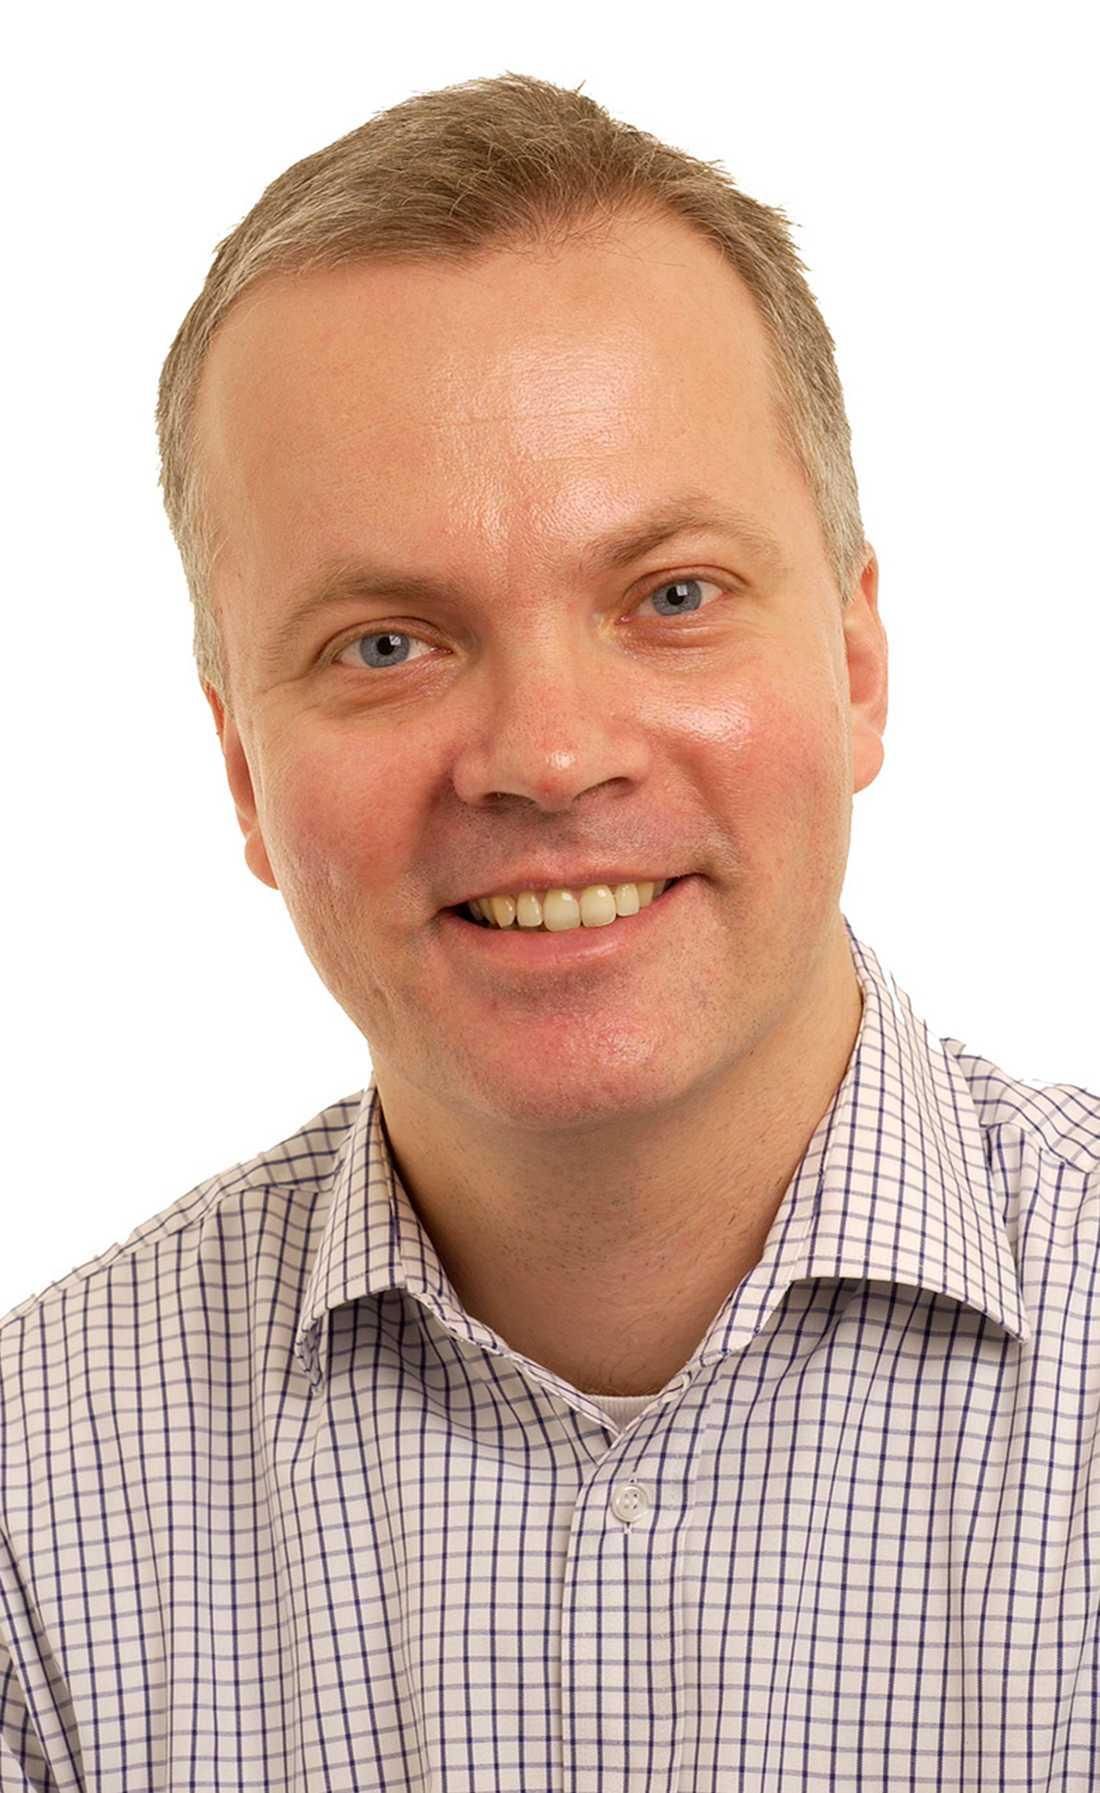 Det blir oerhört varmt, säger barnläkaren Svante Norgren